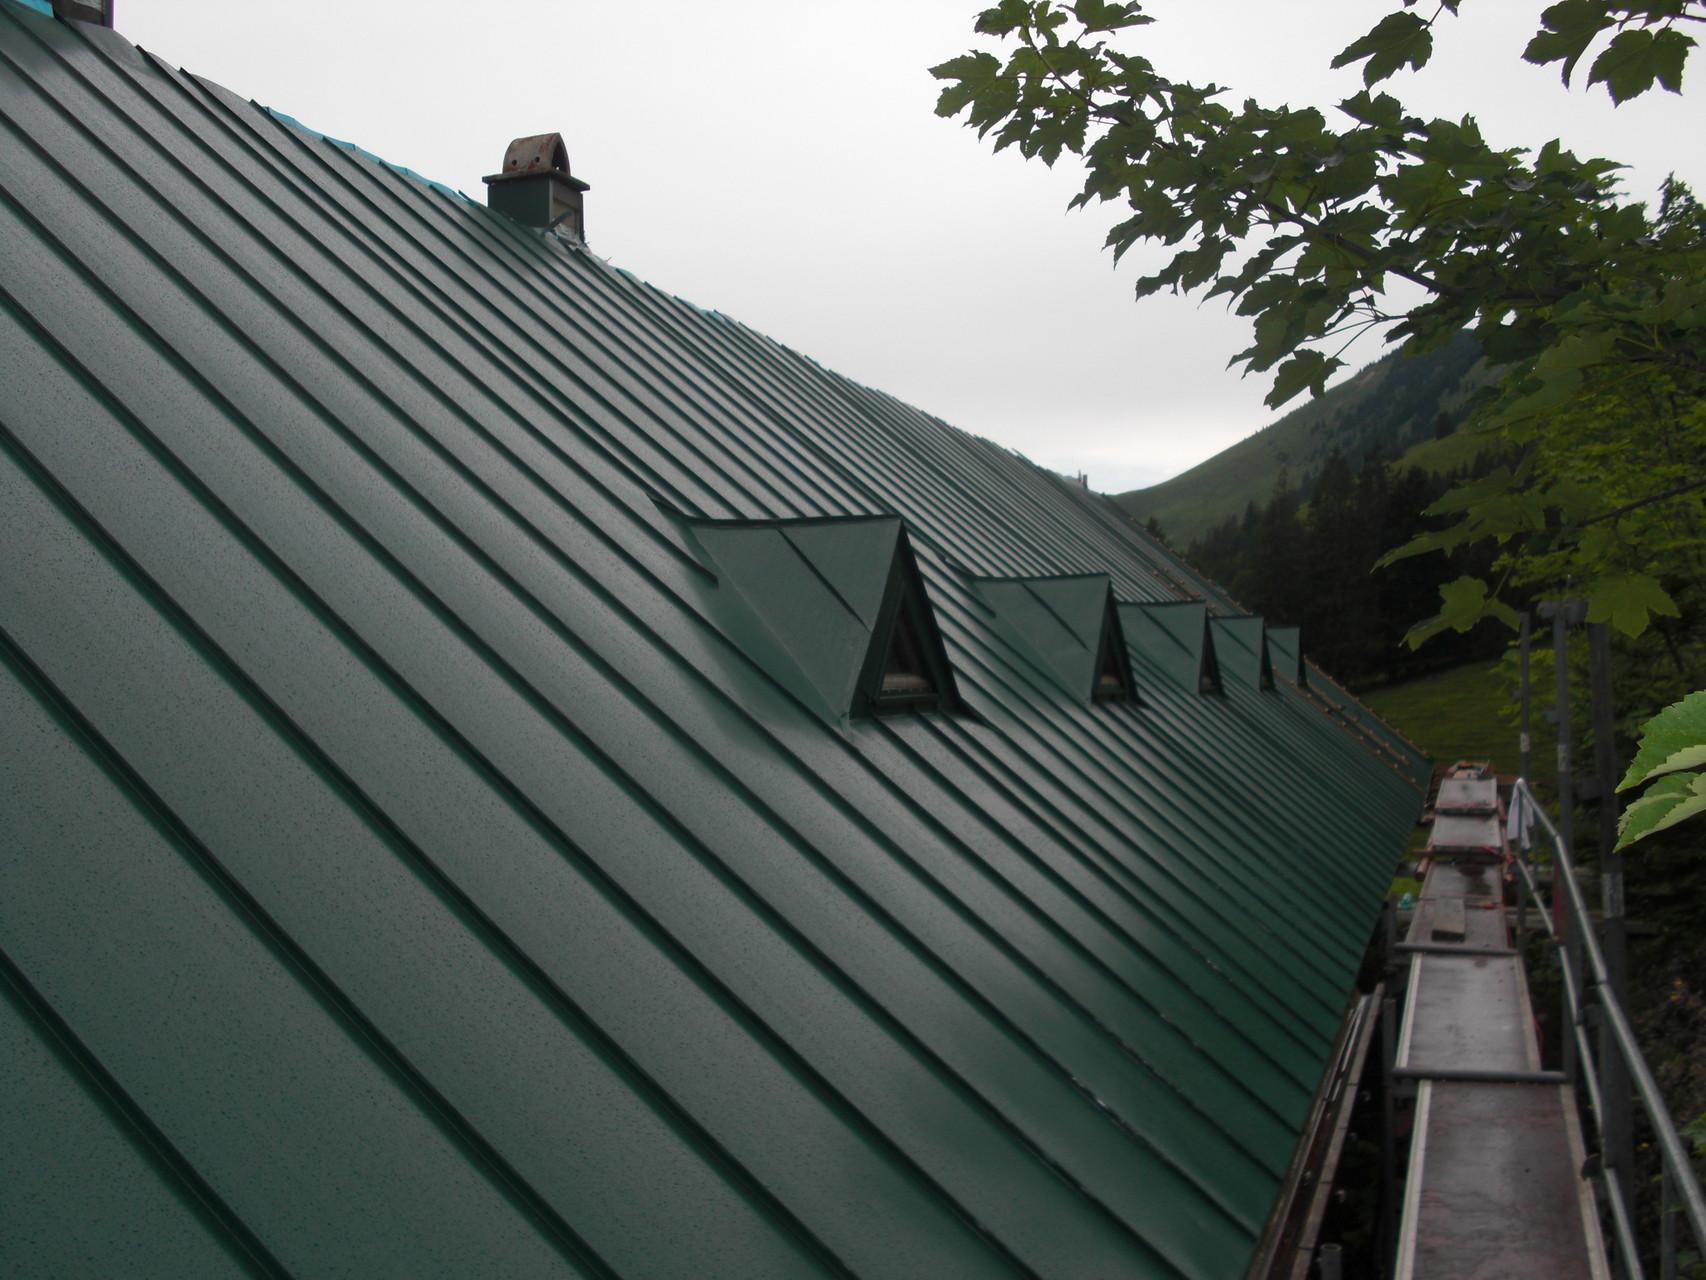 Herrenalm: Generalsanierung des Dachs der Herrenalm. Blecheindachung mit Erkerfenstern.